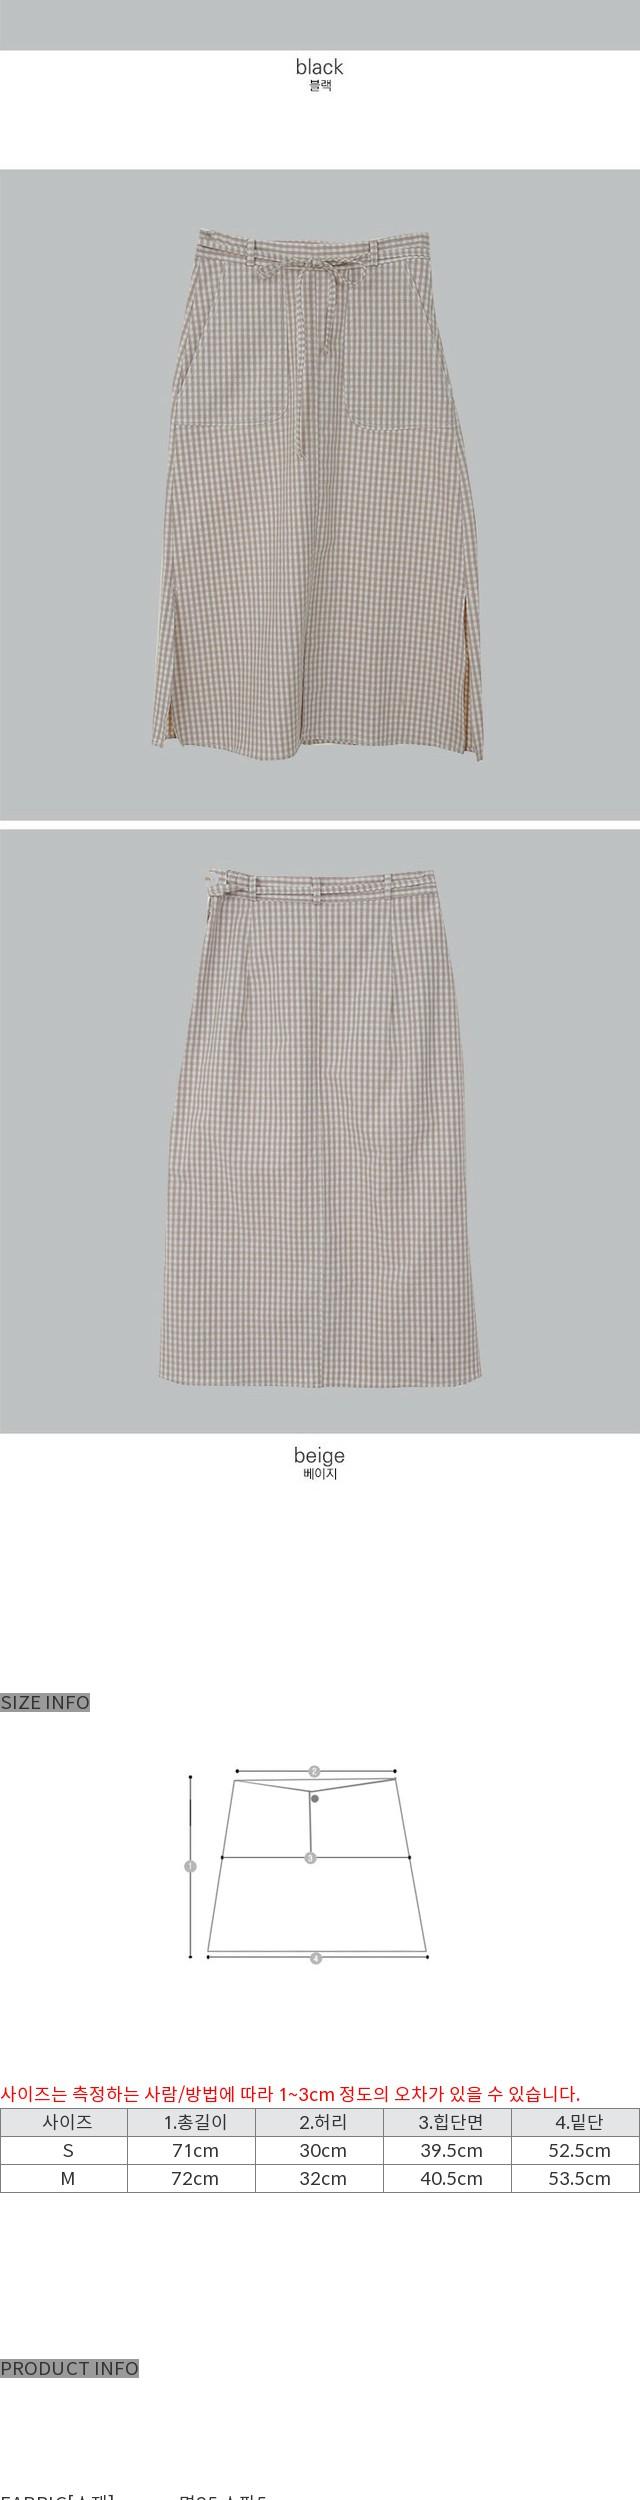 Picnic - Midi skirt